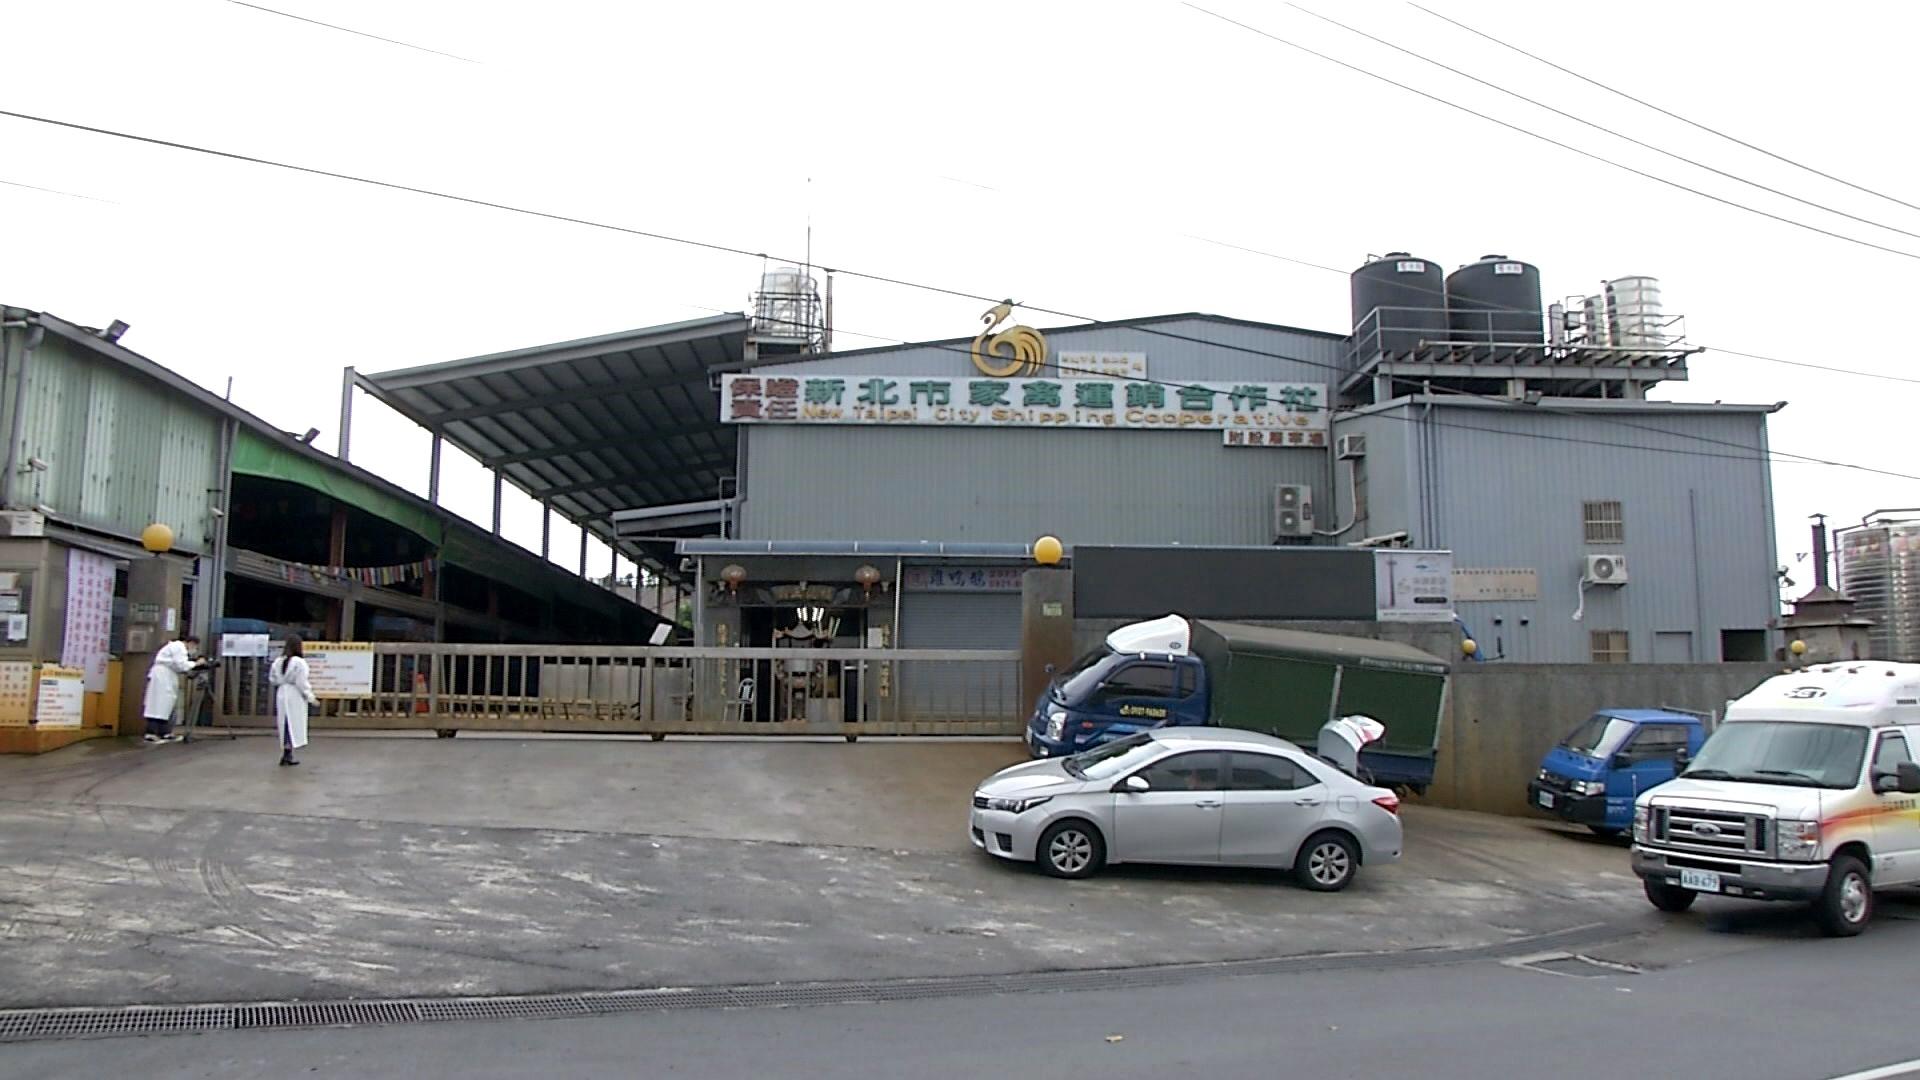 แรงงานเวียดนามติดเชื้ออีก 5 รายจากคลัสเตอร์ฟาร์มเลี้ยงสัตว์ปีก